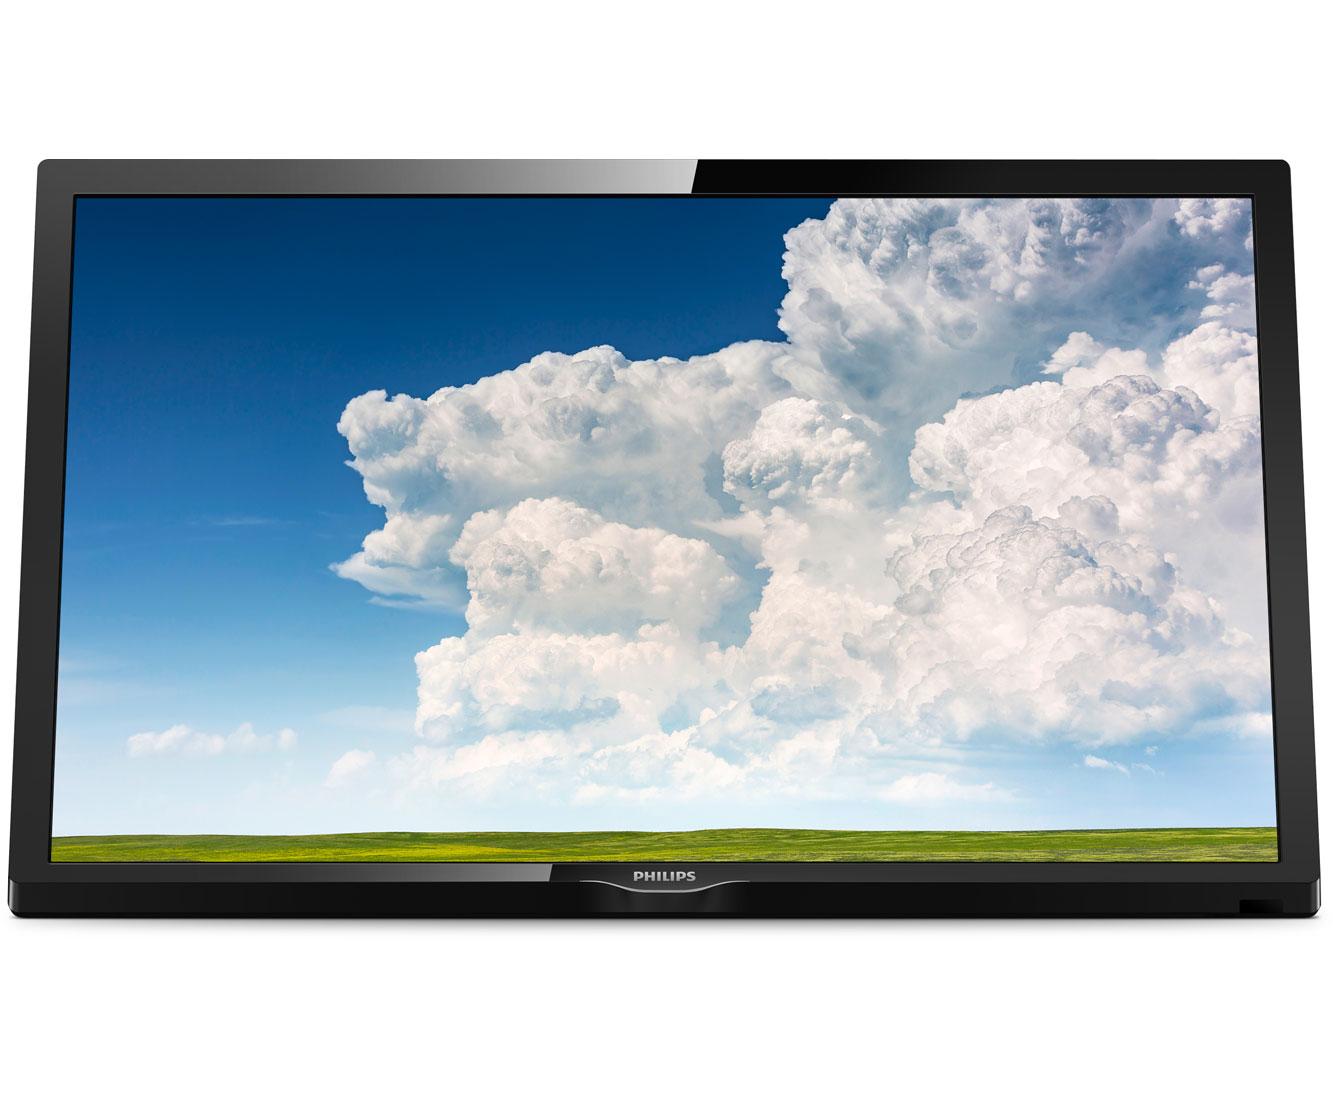 Philips TV 24PHS4304/12 Fernseher - Schwarz